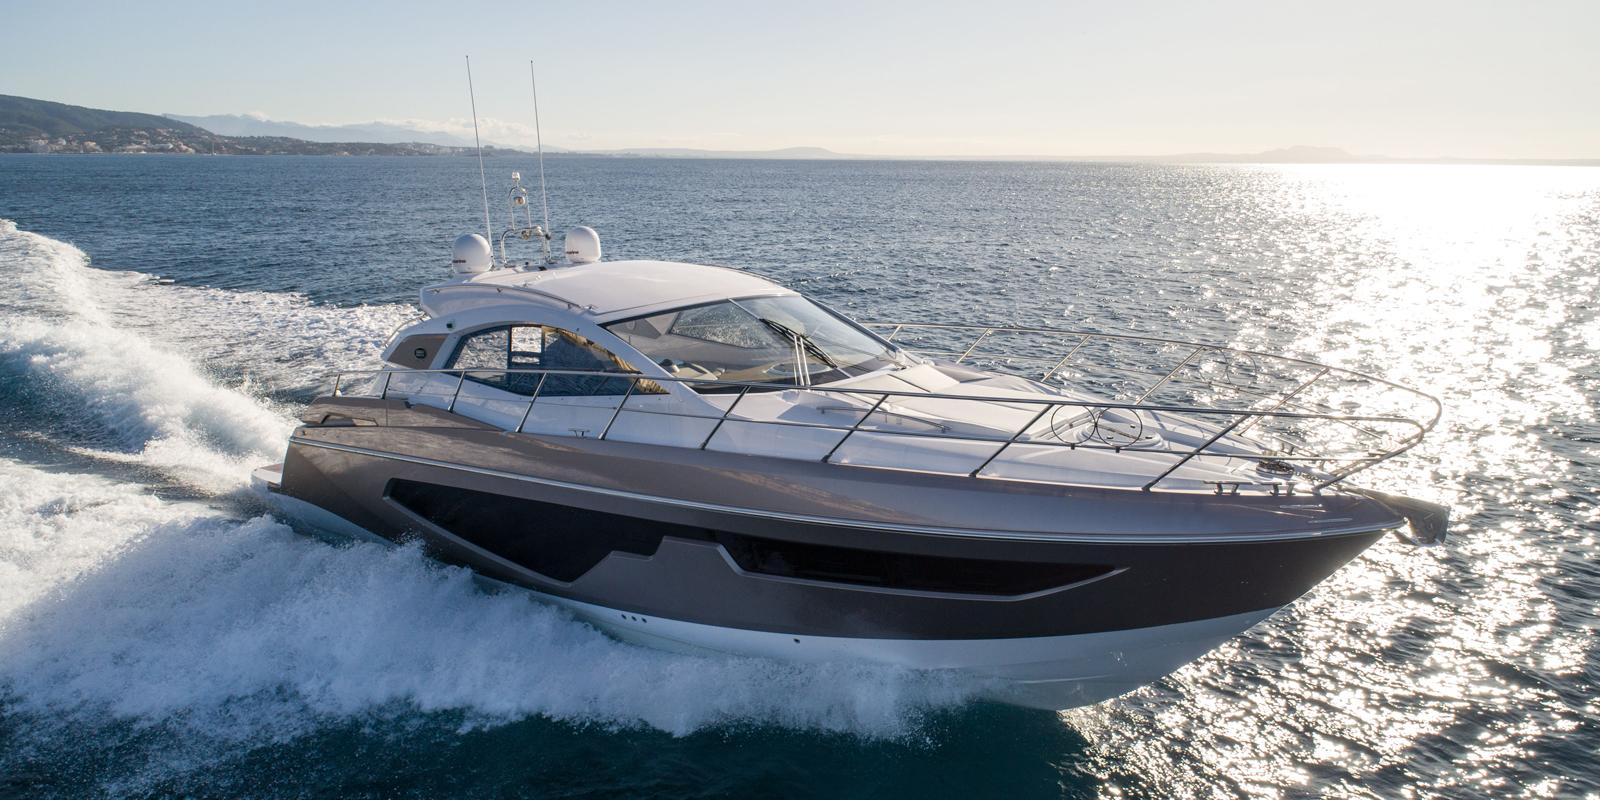 sessa c44 - boat shopping